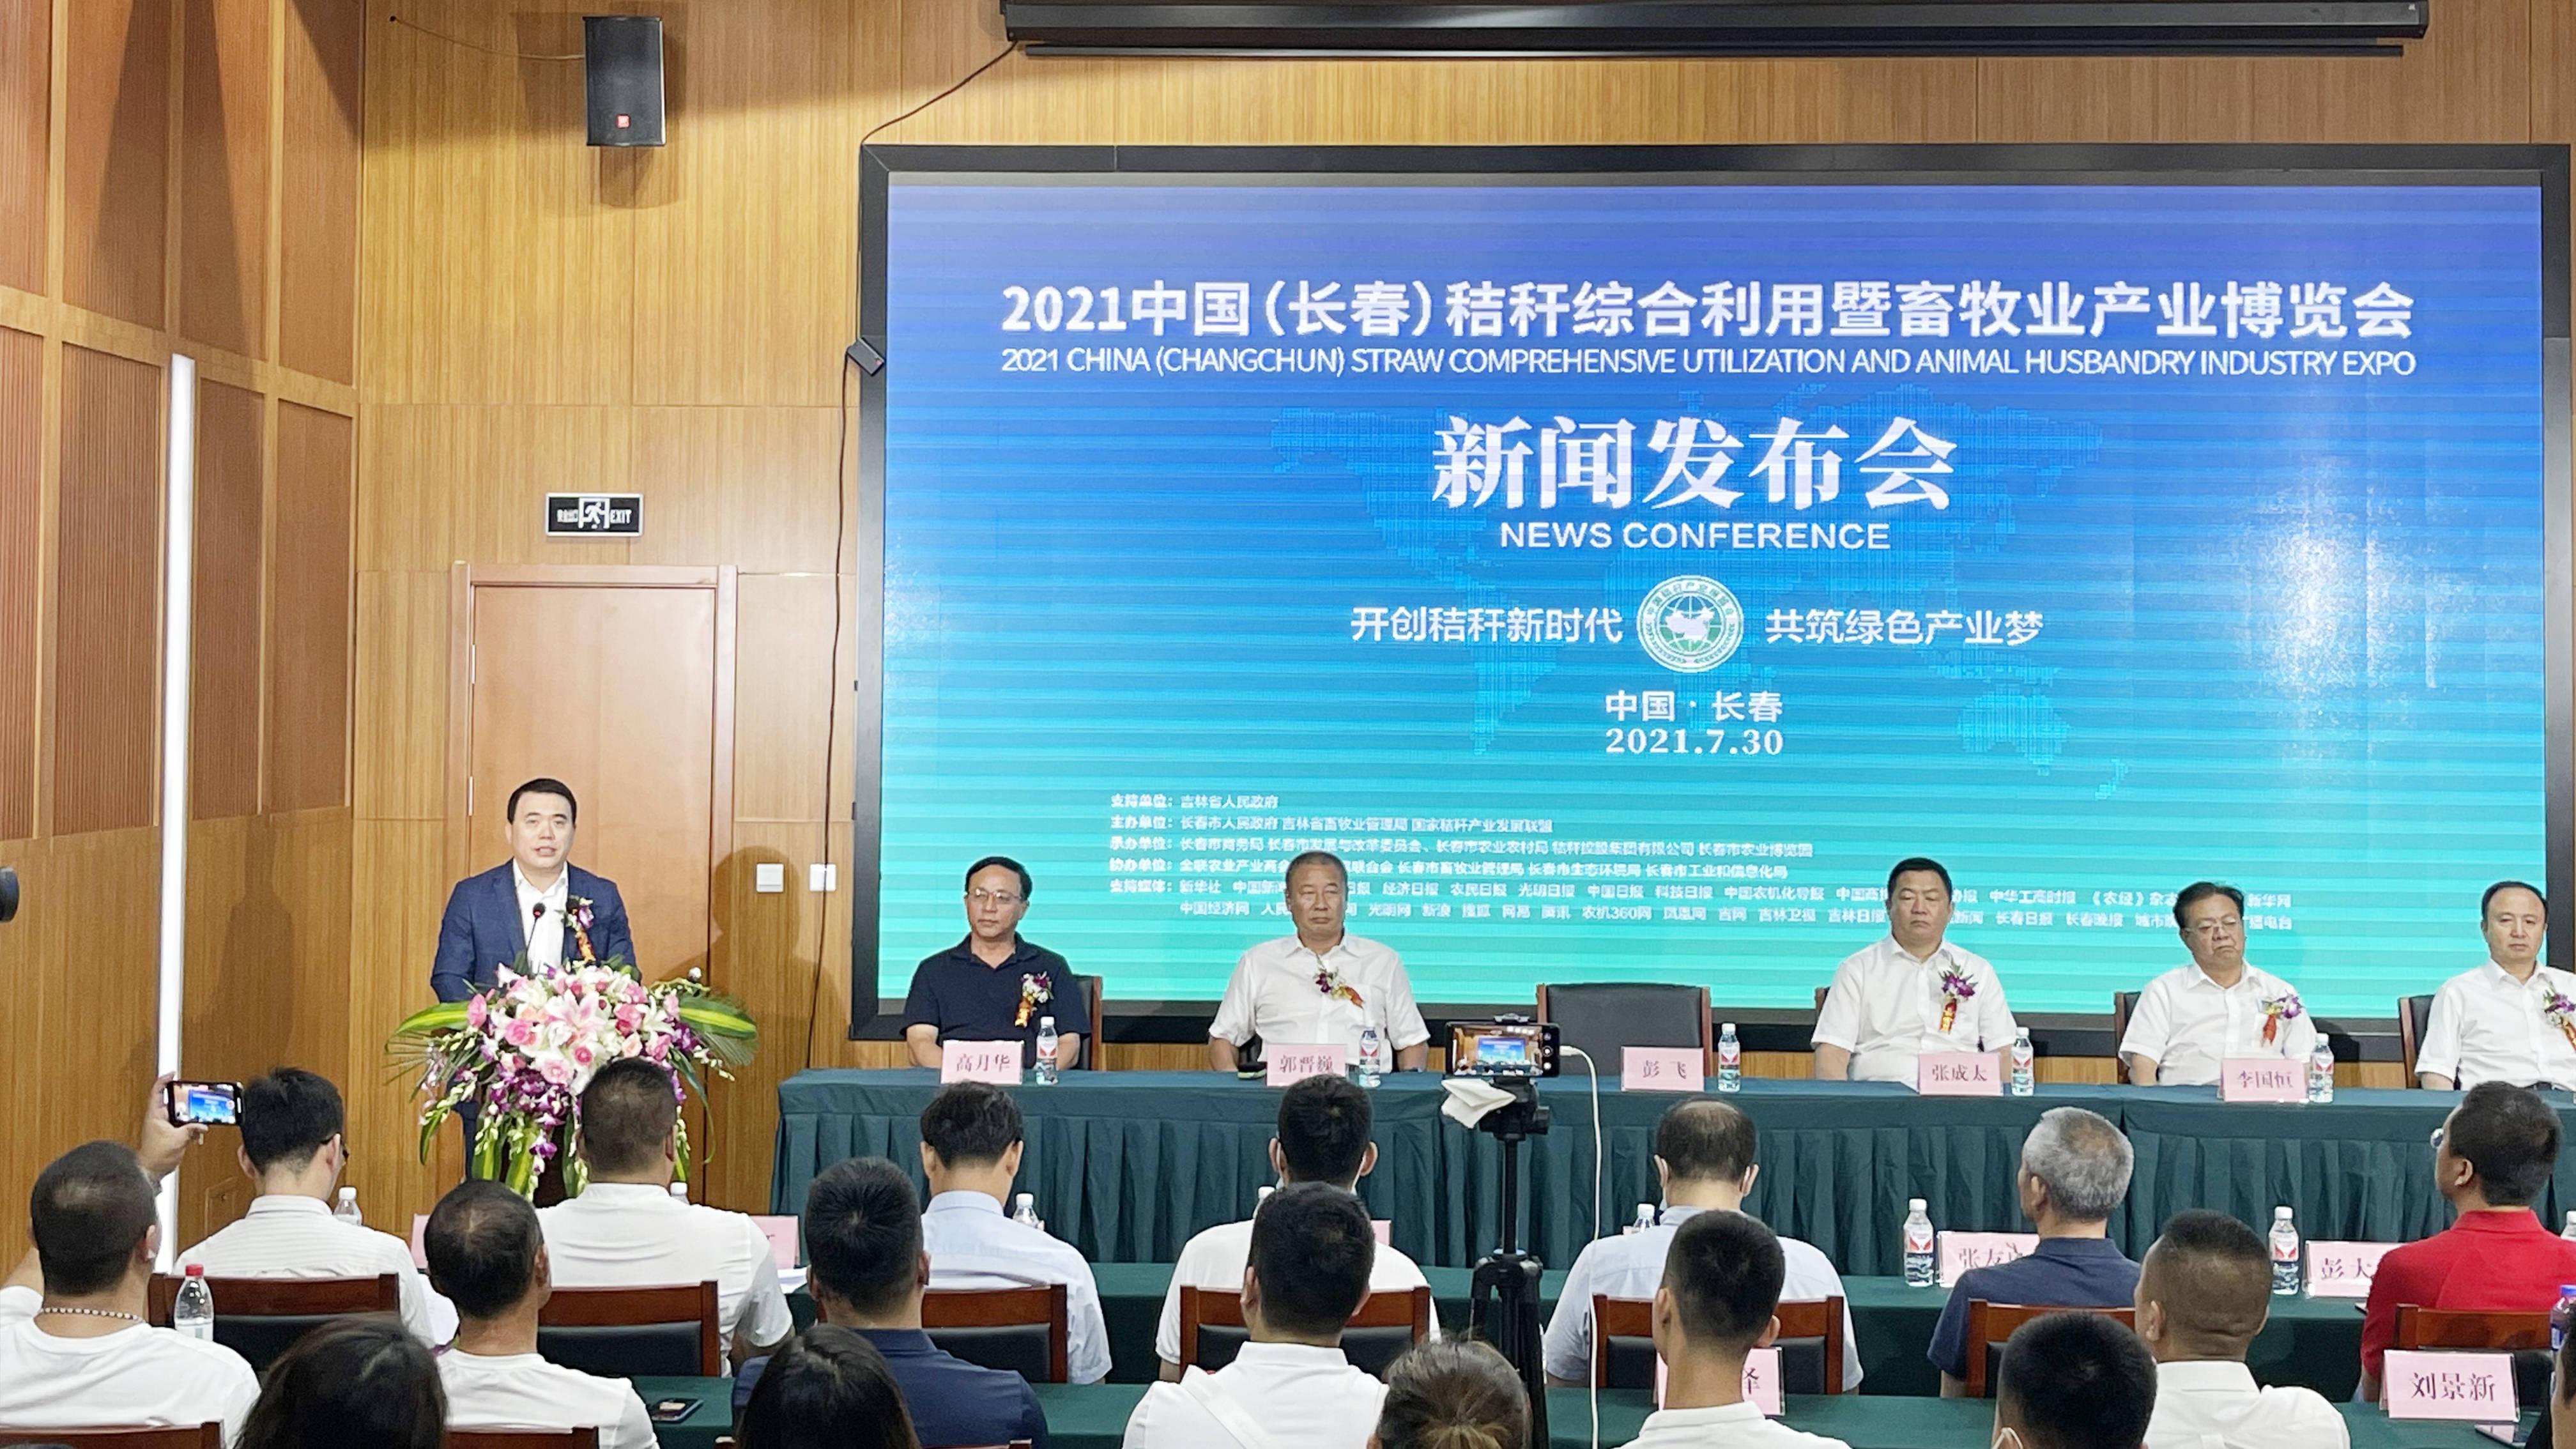 鸿图开户地址 2021中国(长春)秸秆综合利用暨畜牧业产业博览会9月4日-6日在长春举行